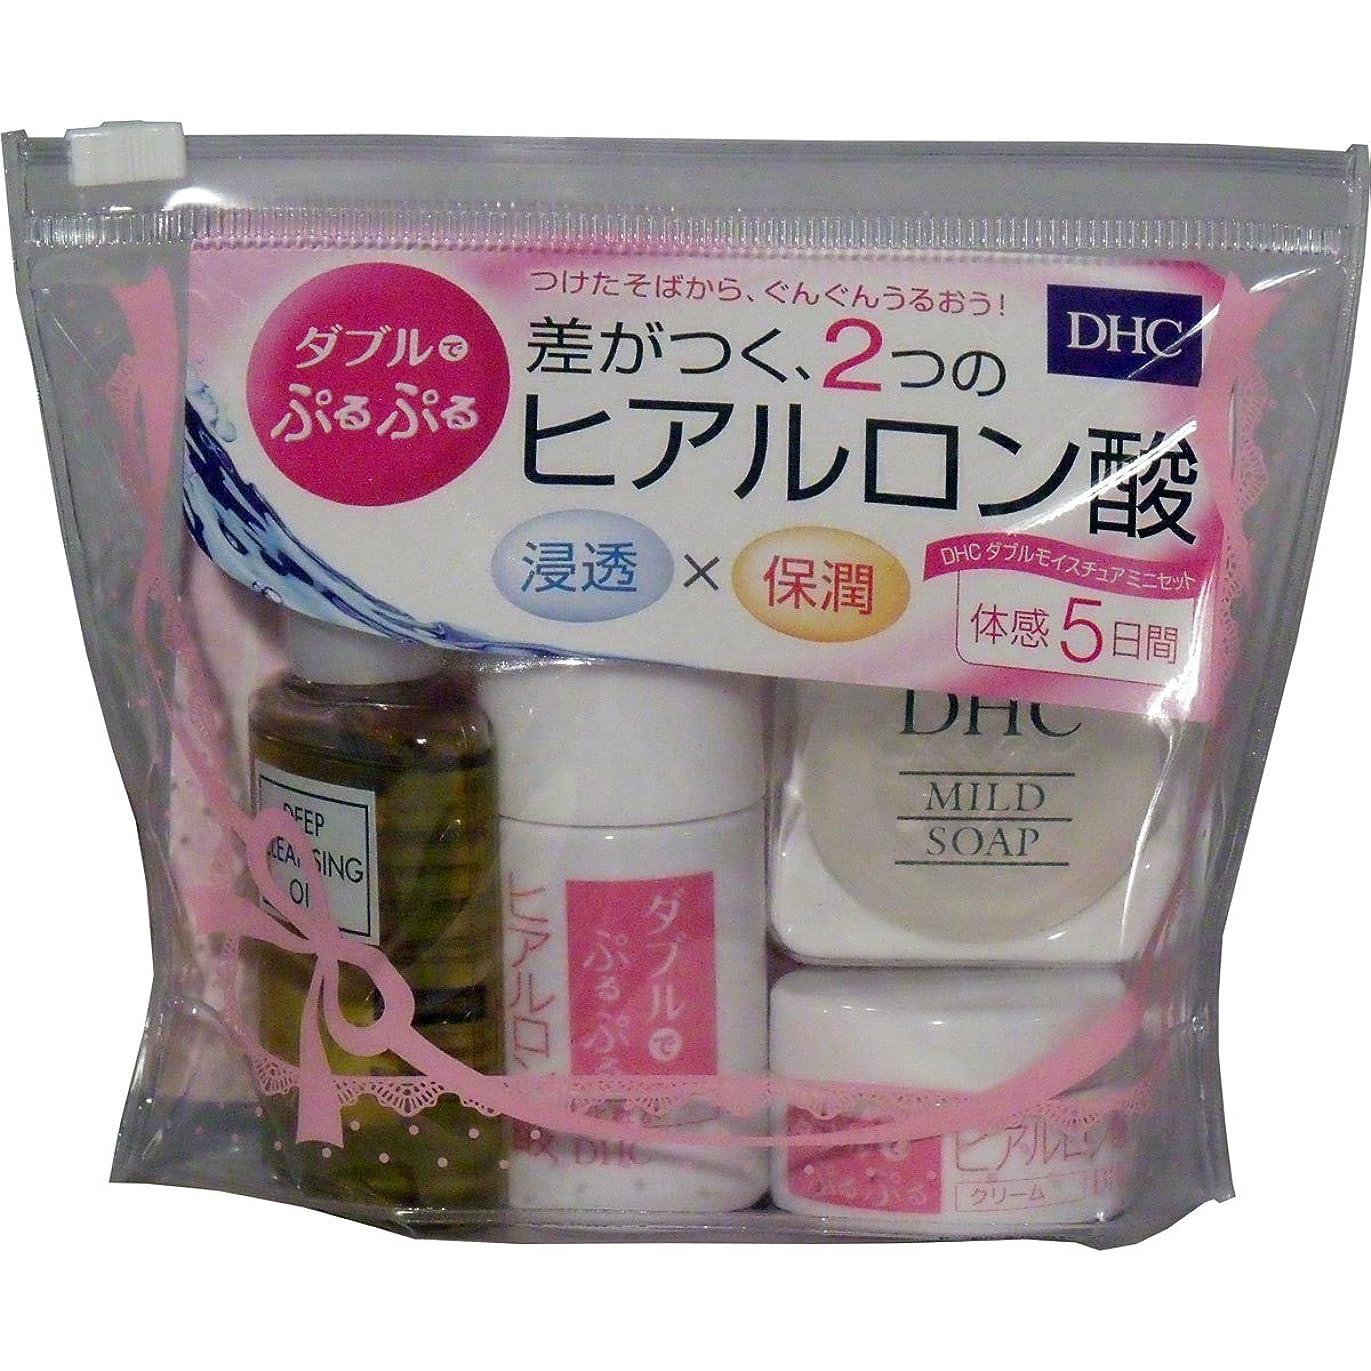 ずるい媒染剤哺乳類DHC ダブルモイスチュア ミニセット【3個セット】